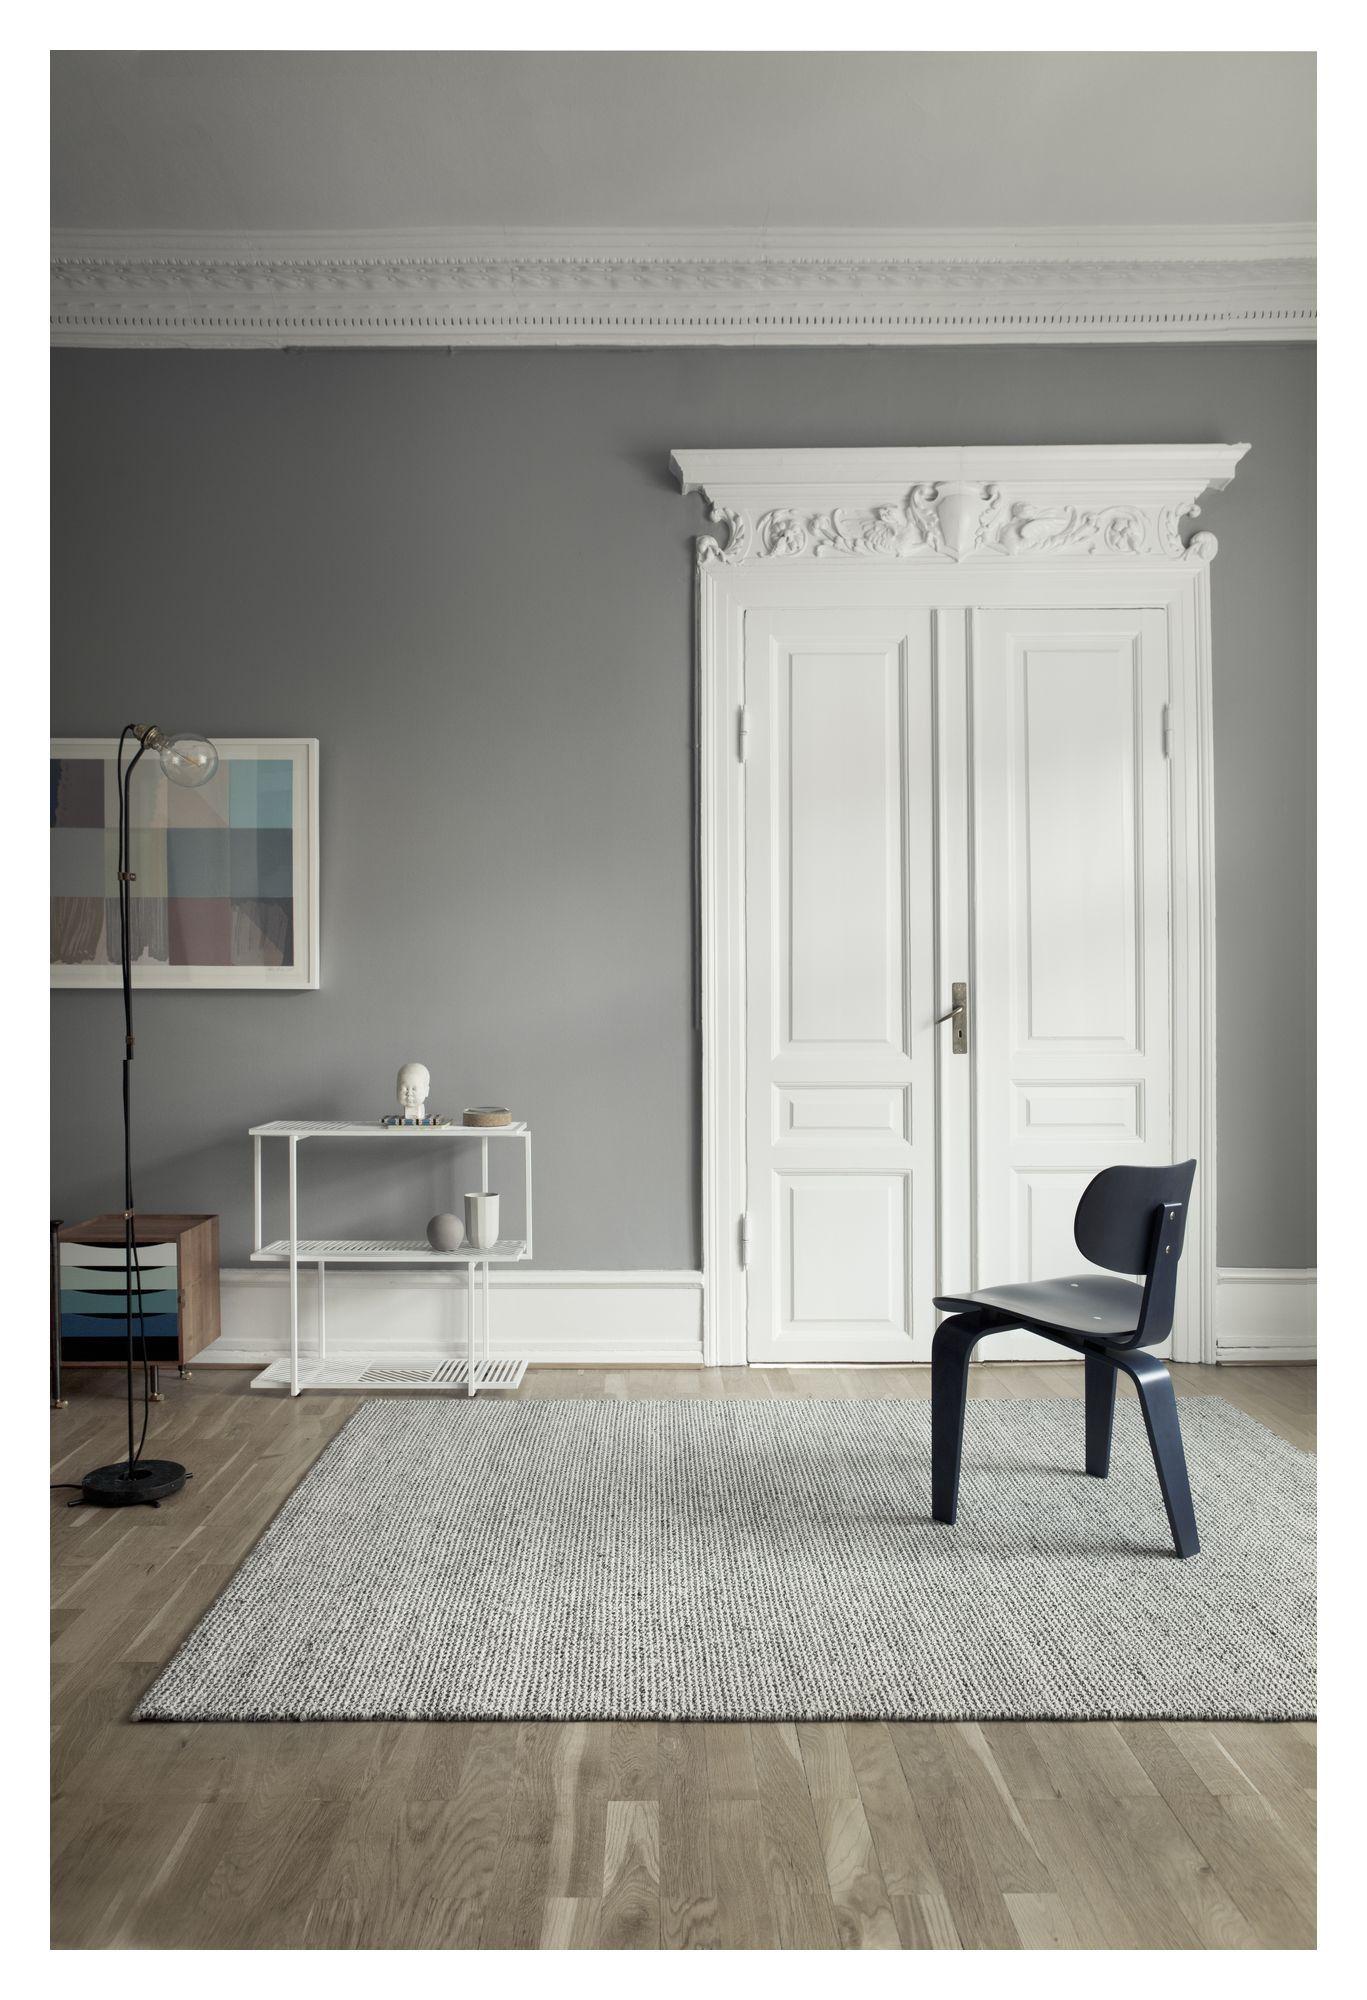 Fabula Living - Fenris Off white Kelim - 170x240 - Håndvævet Kelim 170x240 cm